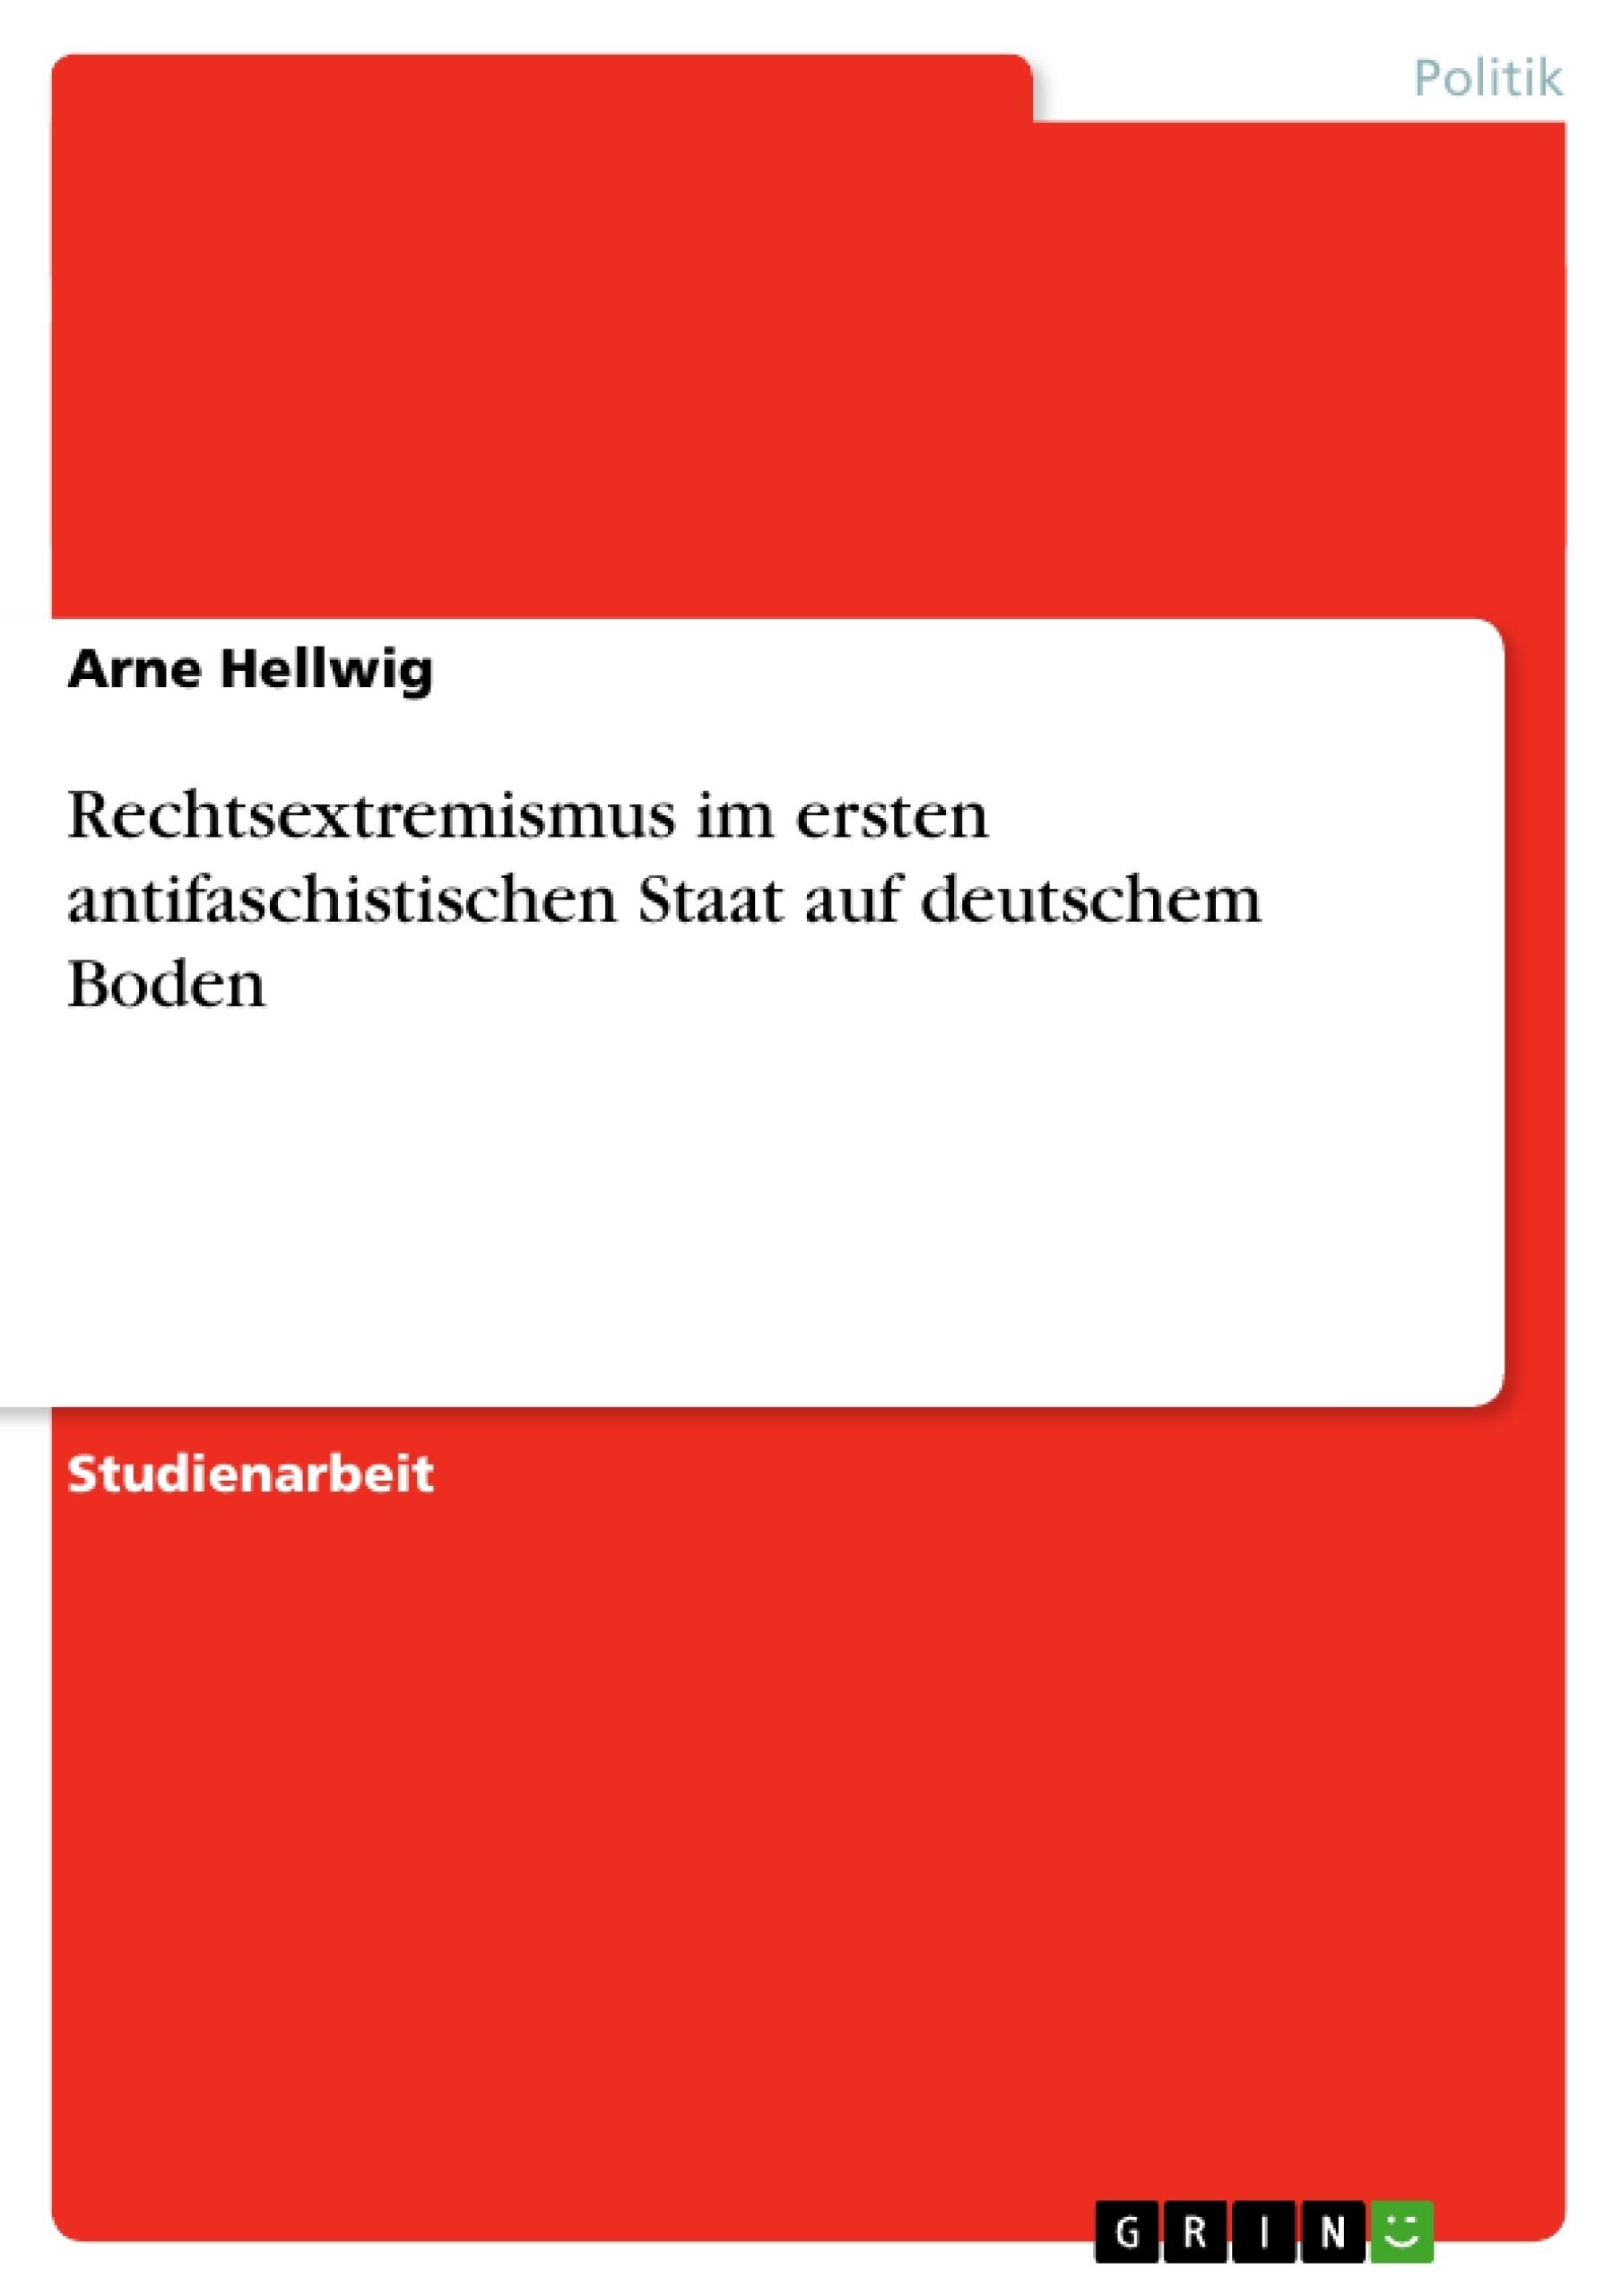 Titel: Rechtsextremismus im ersten antifaschistischen Staat auf deutschem Boden